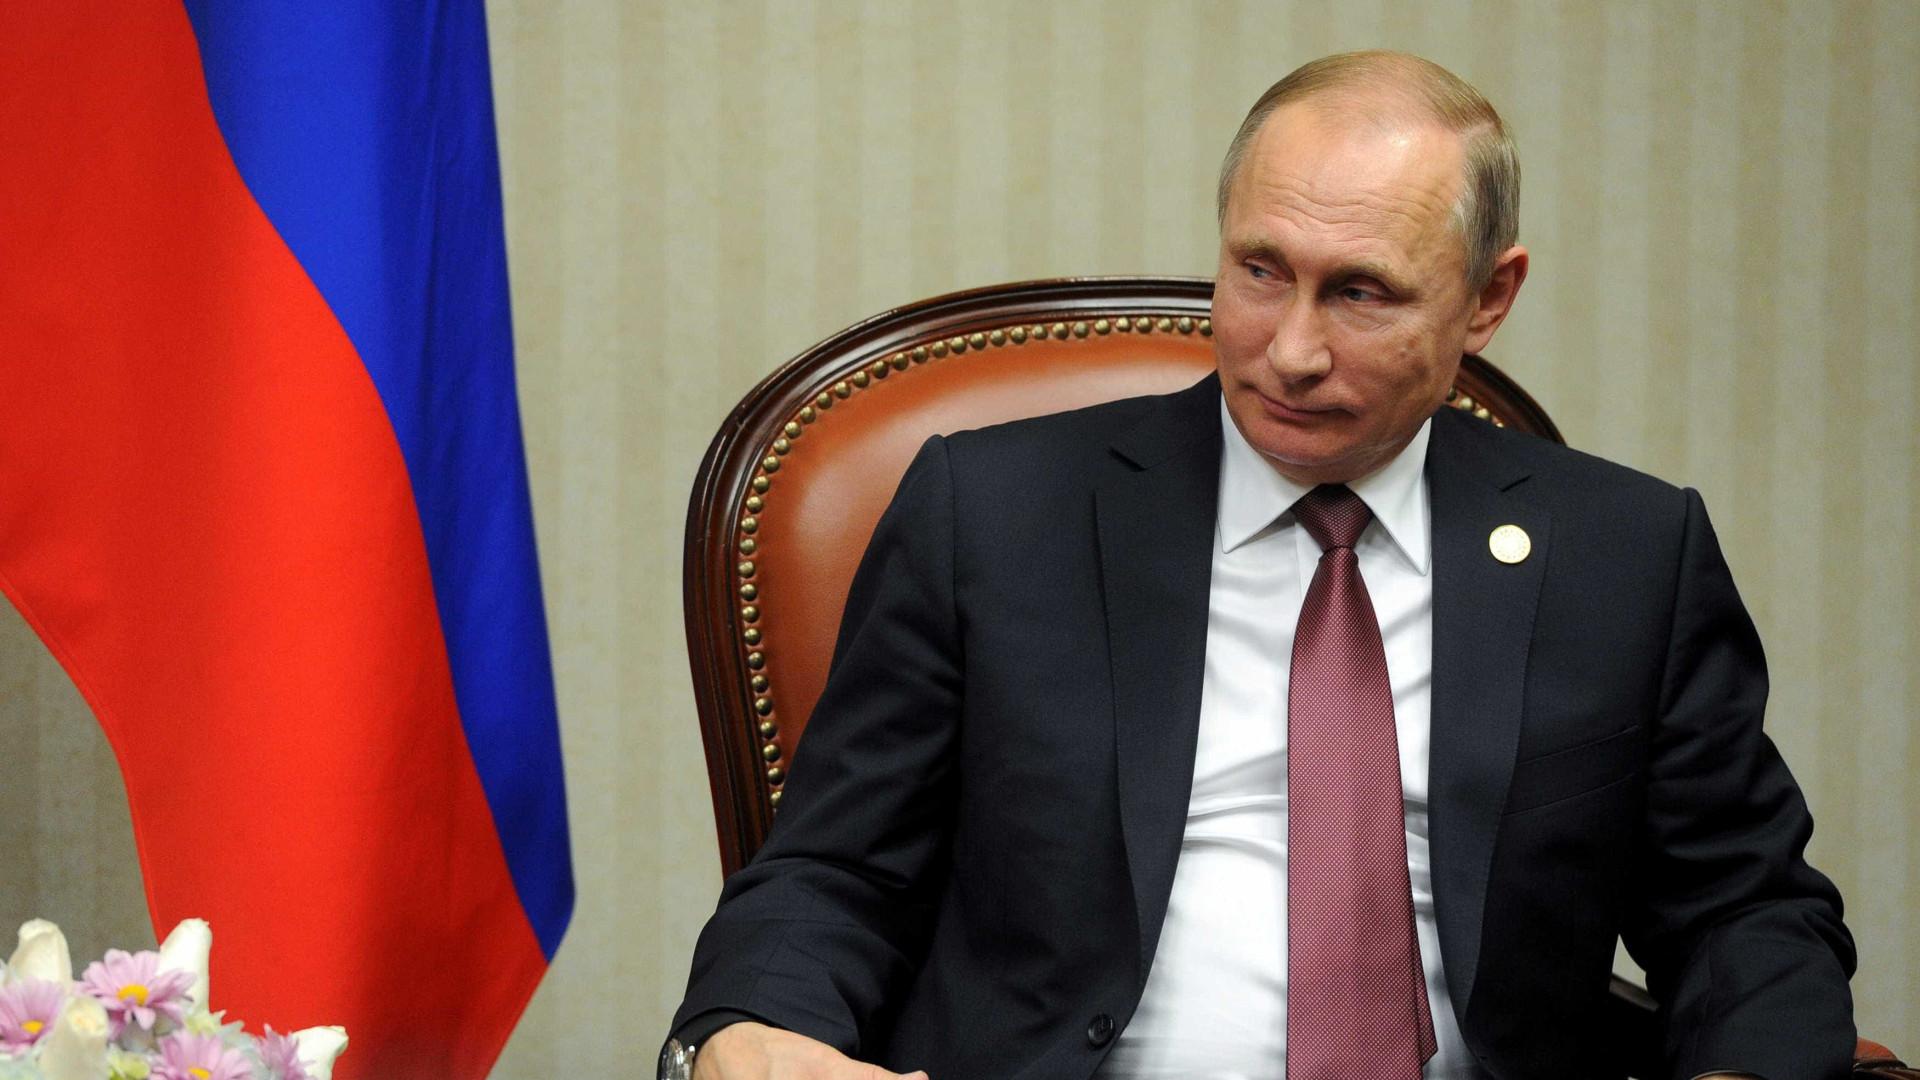 Rússia alerta para 'banho de sangue' na Venezuela; ONU pede diálogo